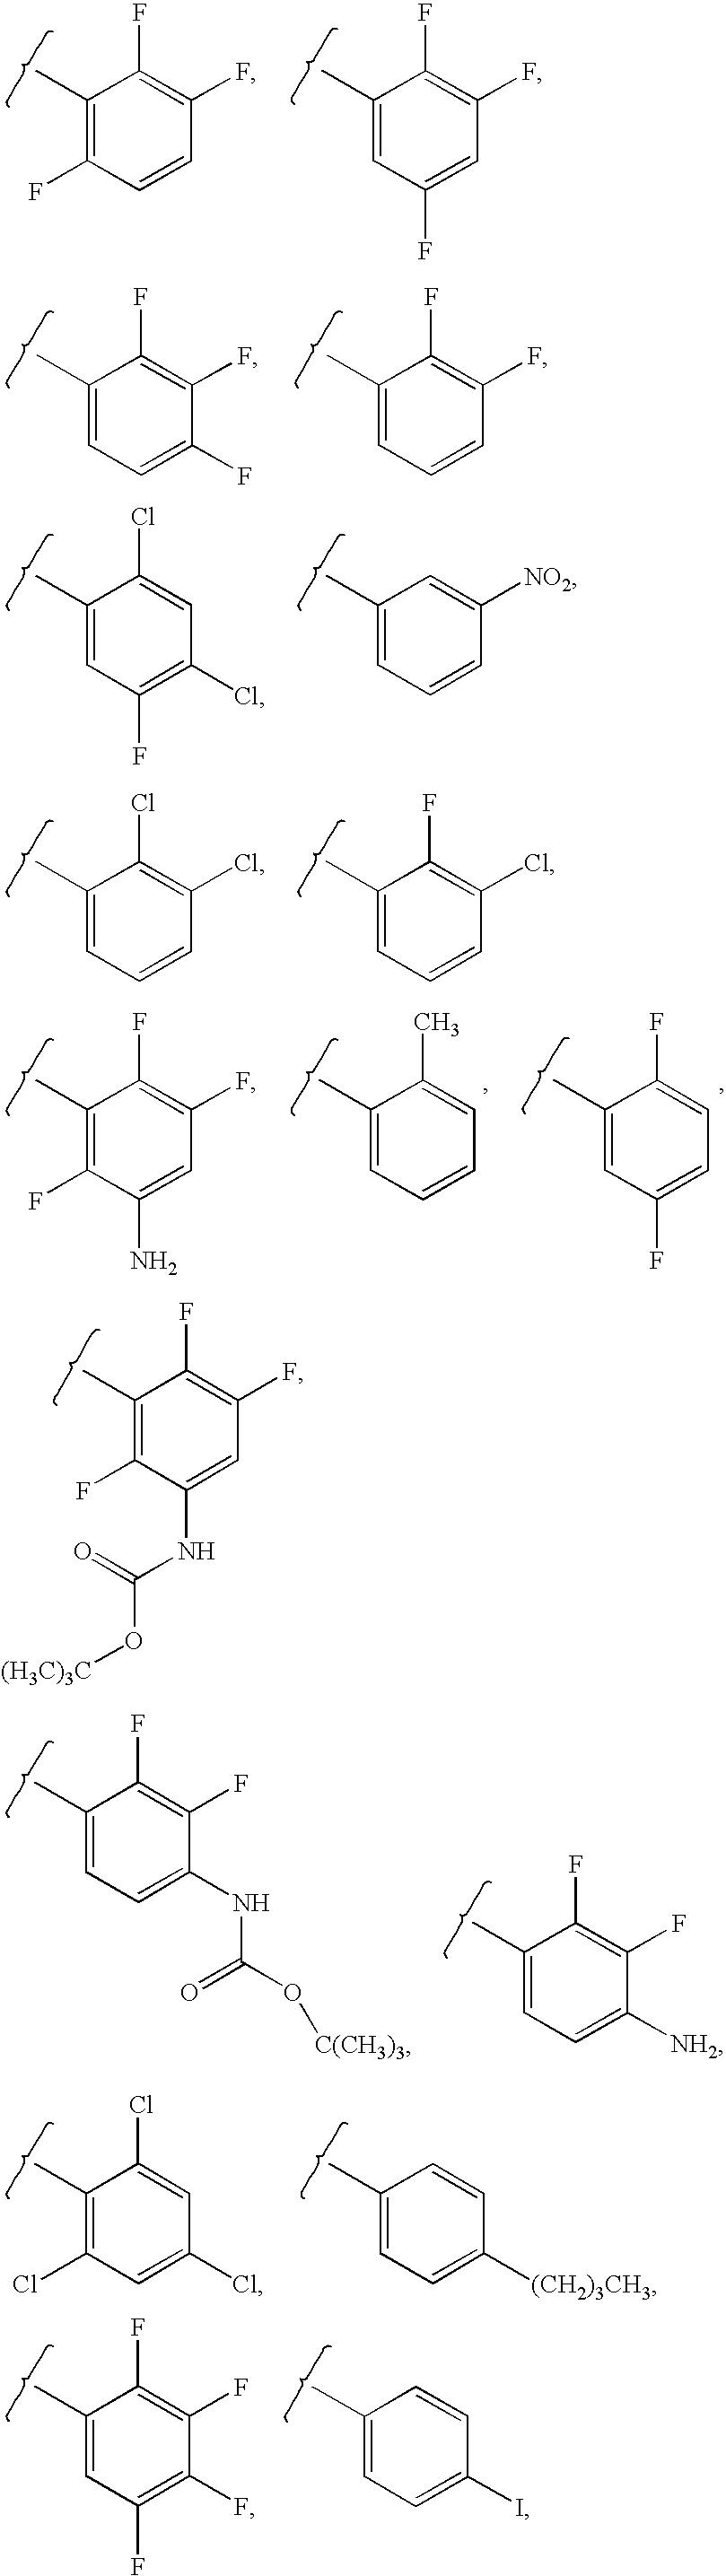 Figure US20070249661A1-20071025-C00026